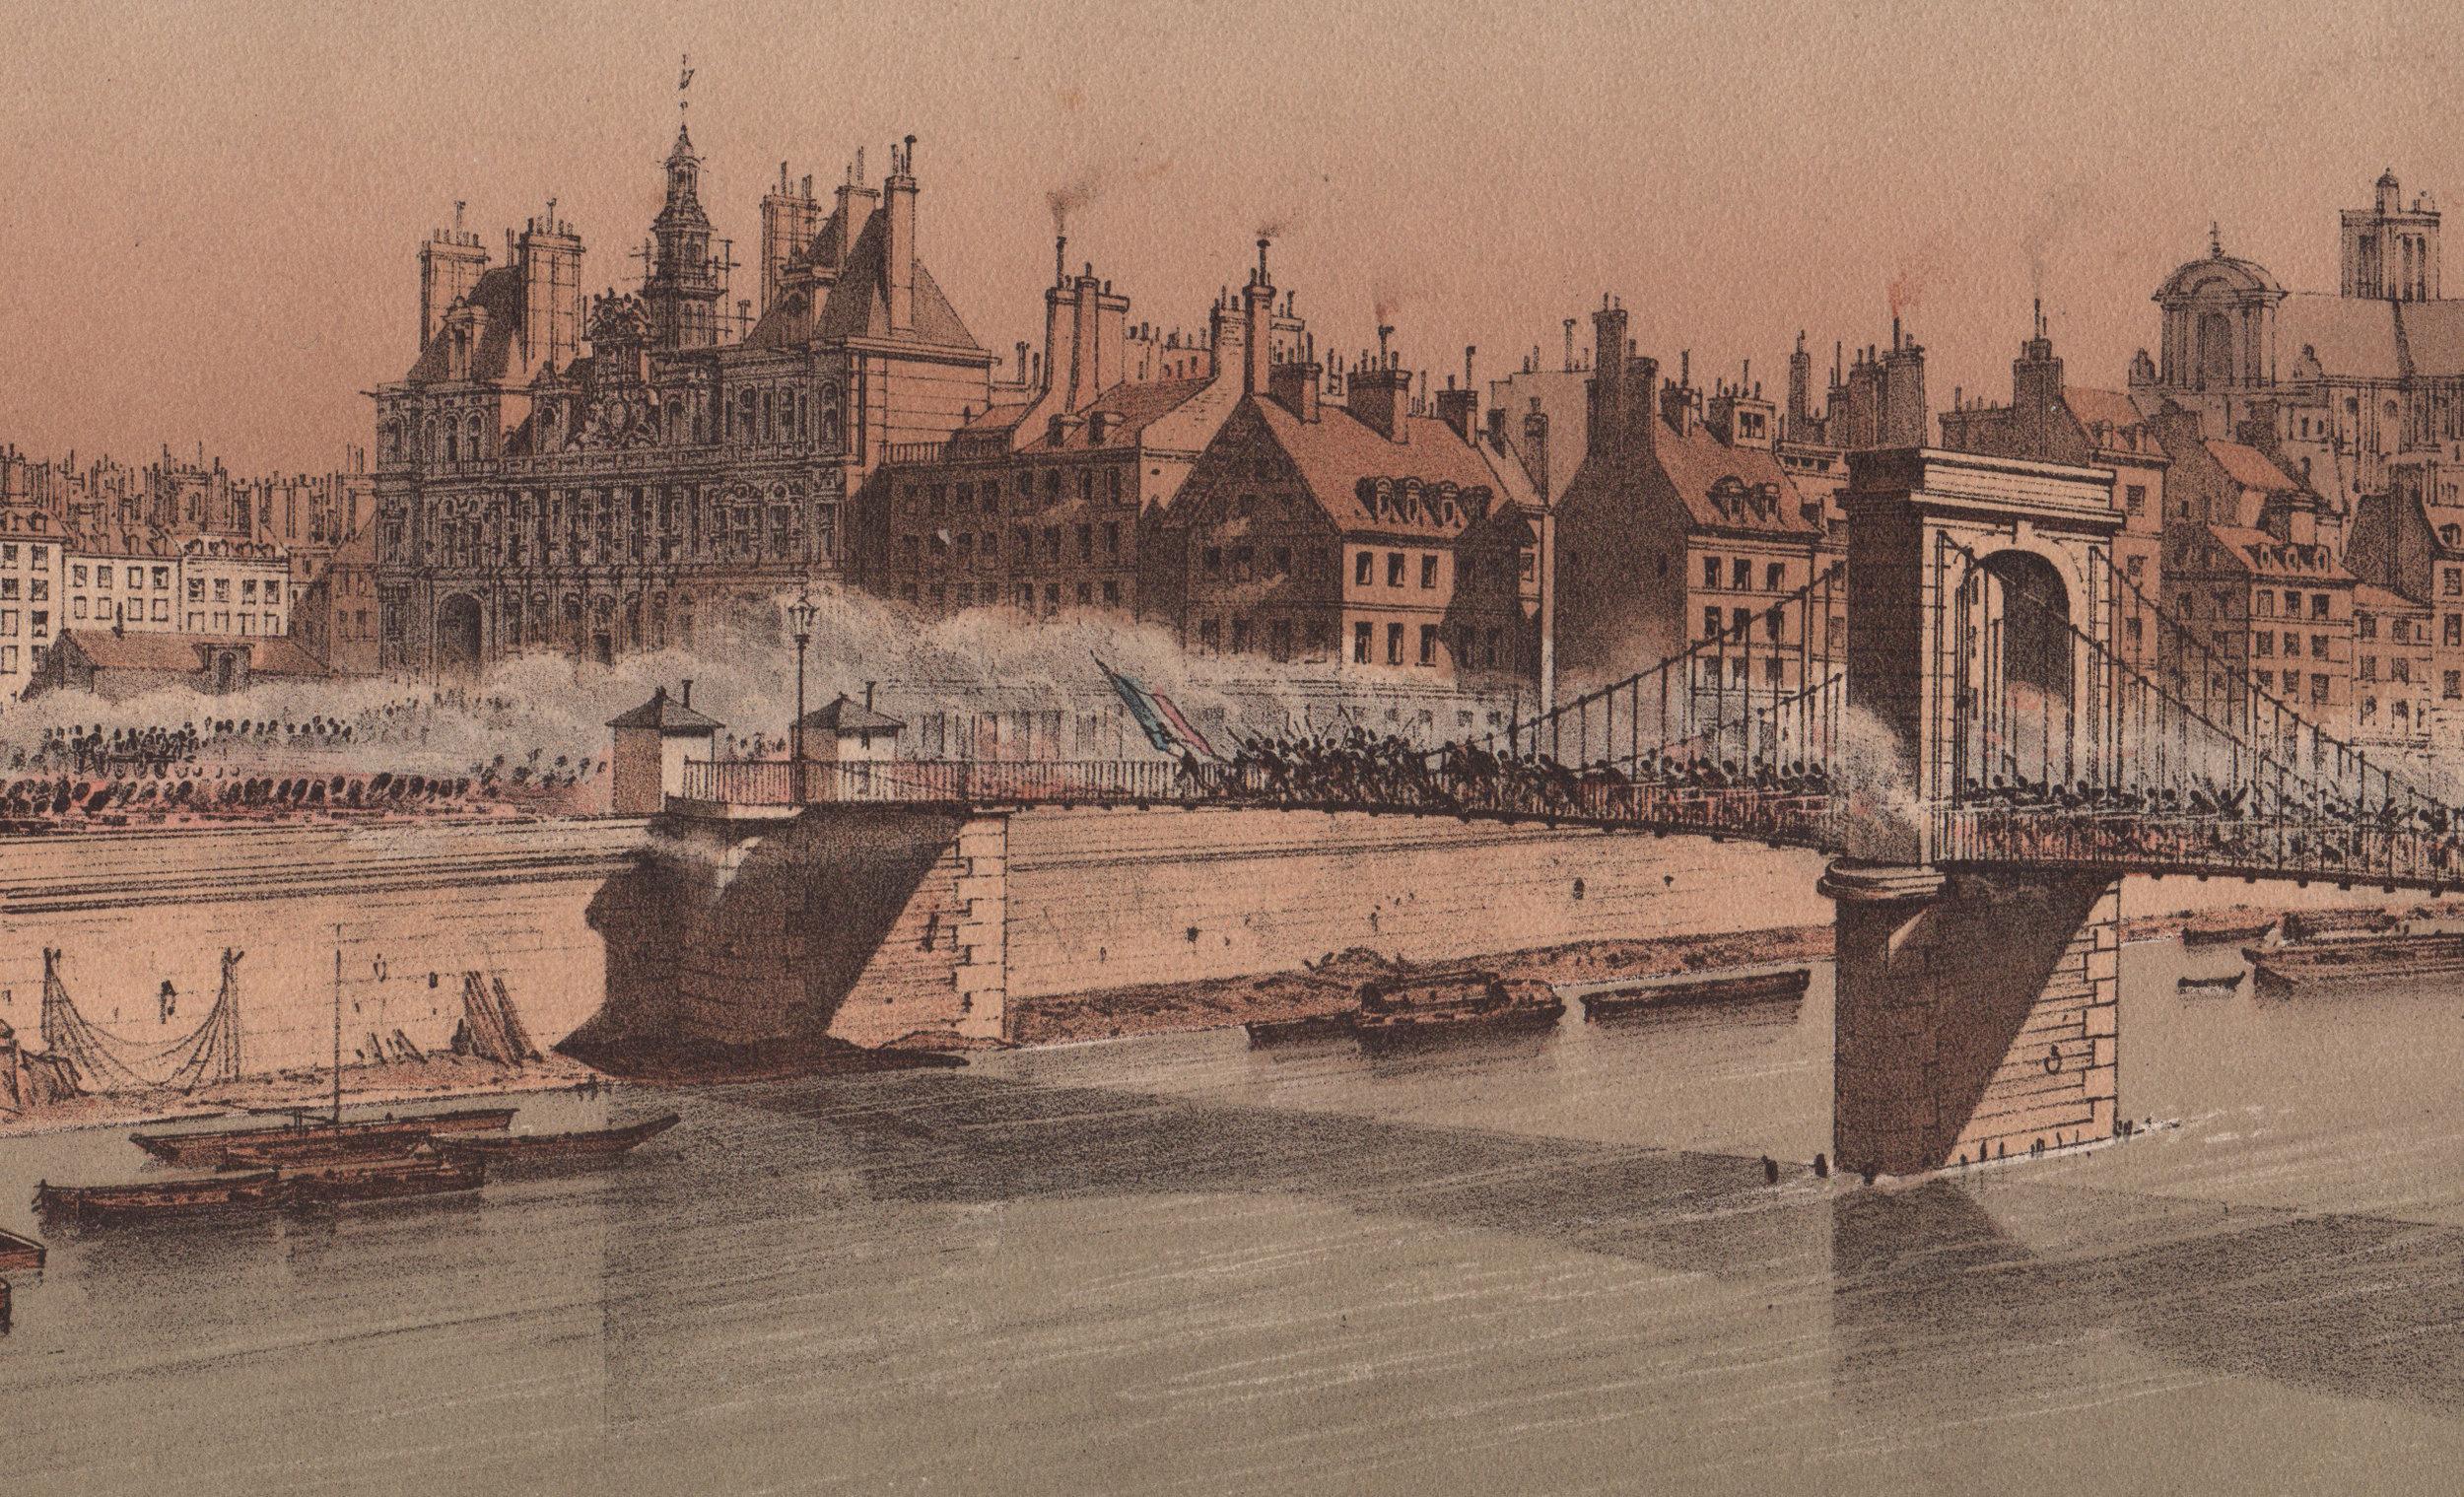 Antique prints of Paris & Francehttp://www.darvillsrareprints.com/Antique%20prints%20of%20Paris%20and%20France%20miscellaneous%20sources.htm